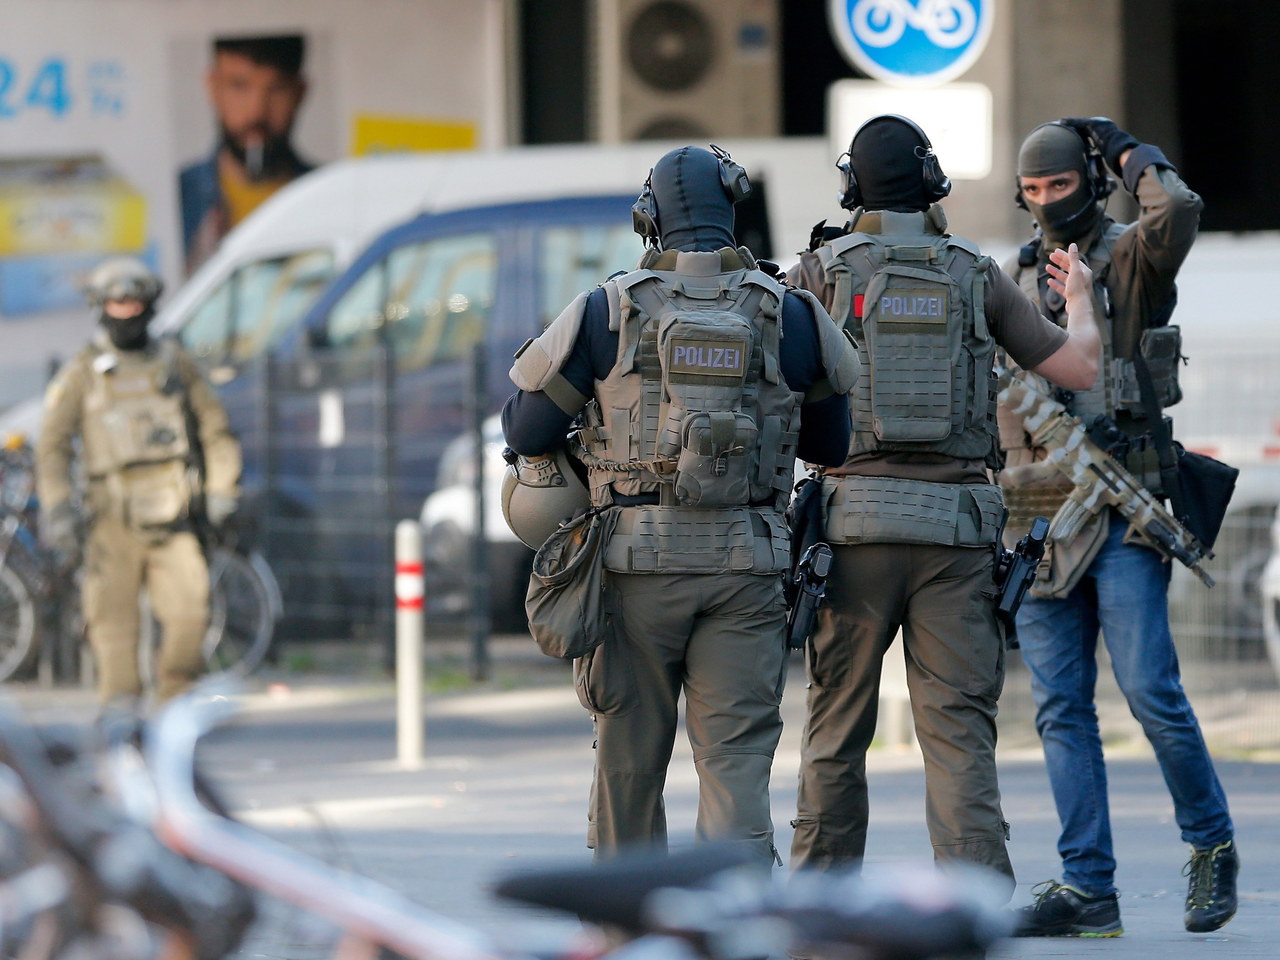 Akcja policji w Kolonii. Mężczyzna, który wziął zakładniczkę, został ciężko ranny